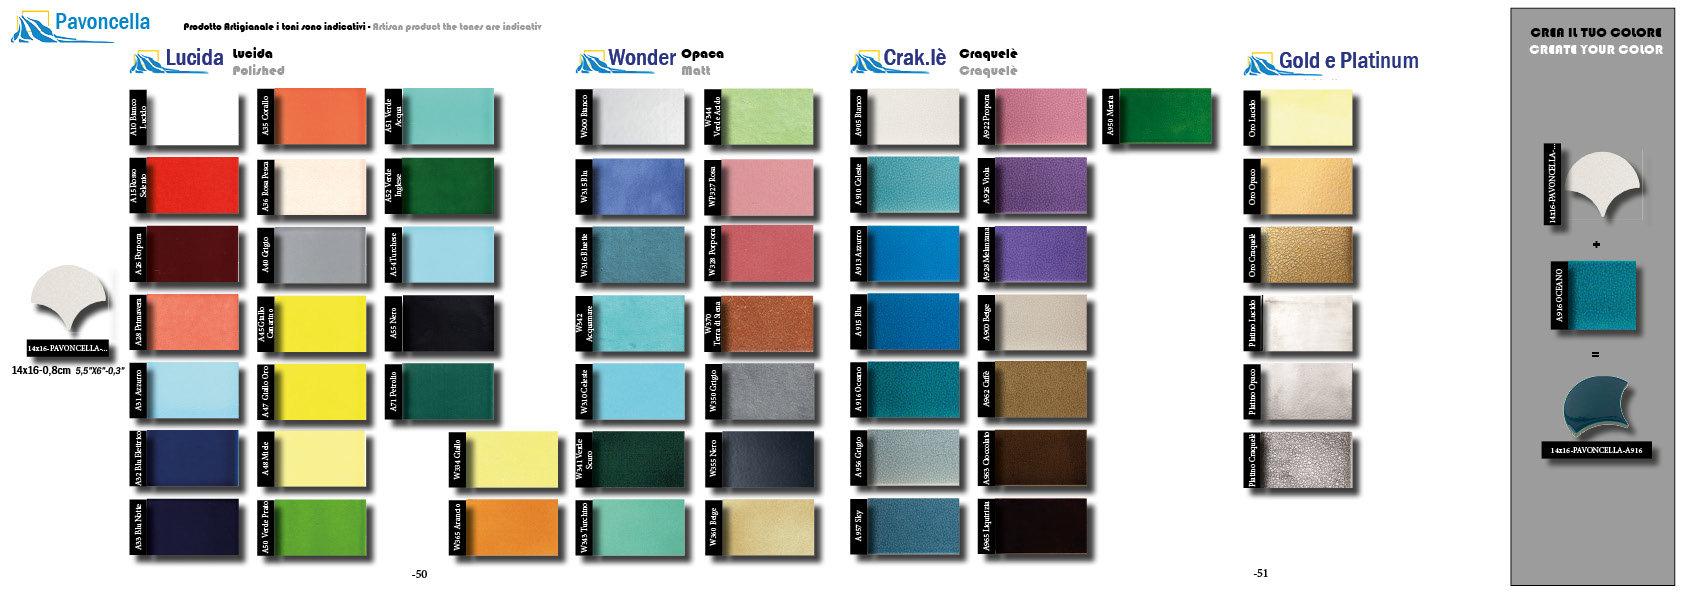 Pagina colori Pavoncella26.jpg